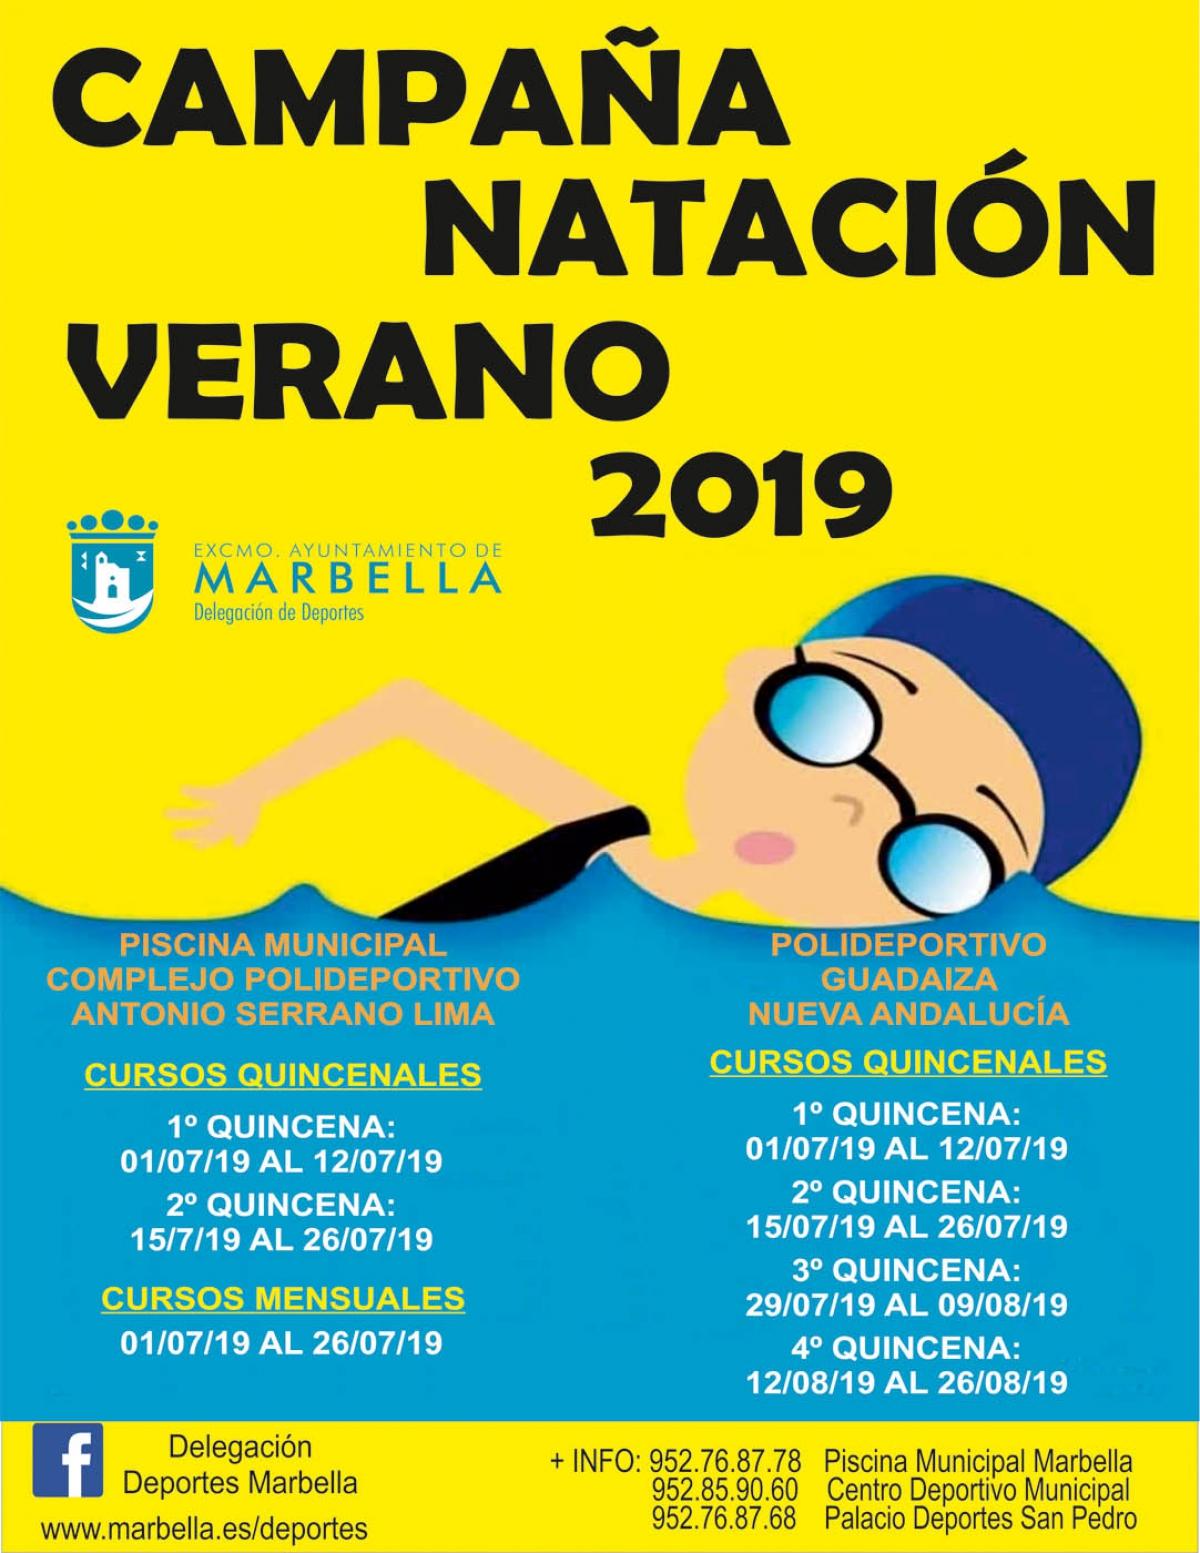 La delegación de Deportes oferta 2.800 plazas en la campaña de Natación de Verano y el programa 'Marbella Summer Sport' durante los meses de julio y agosto